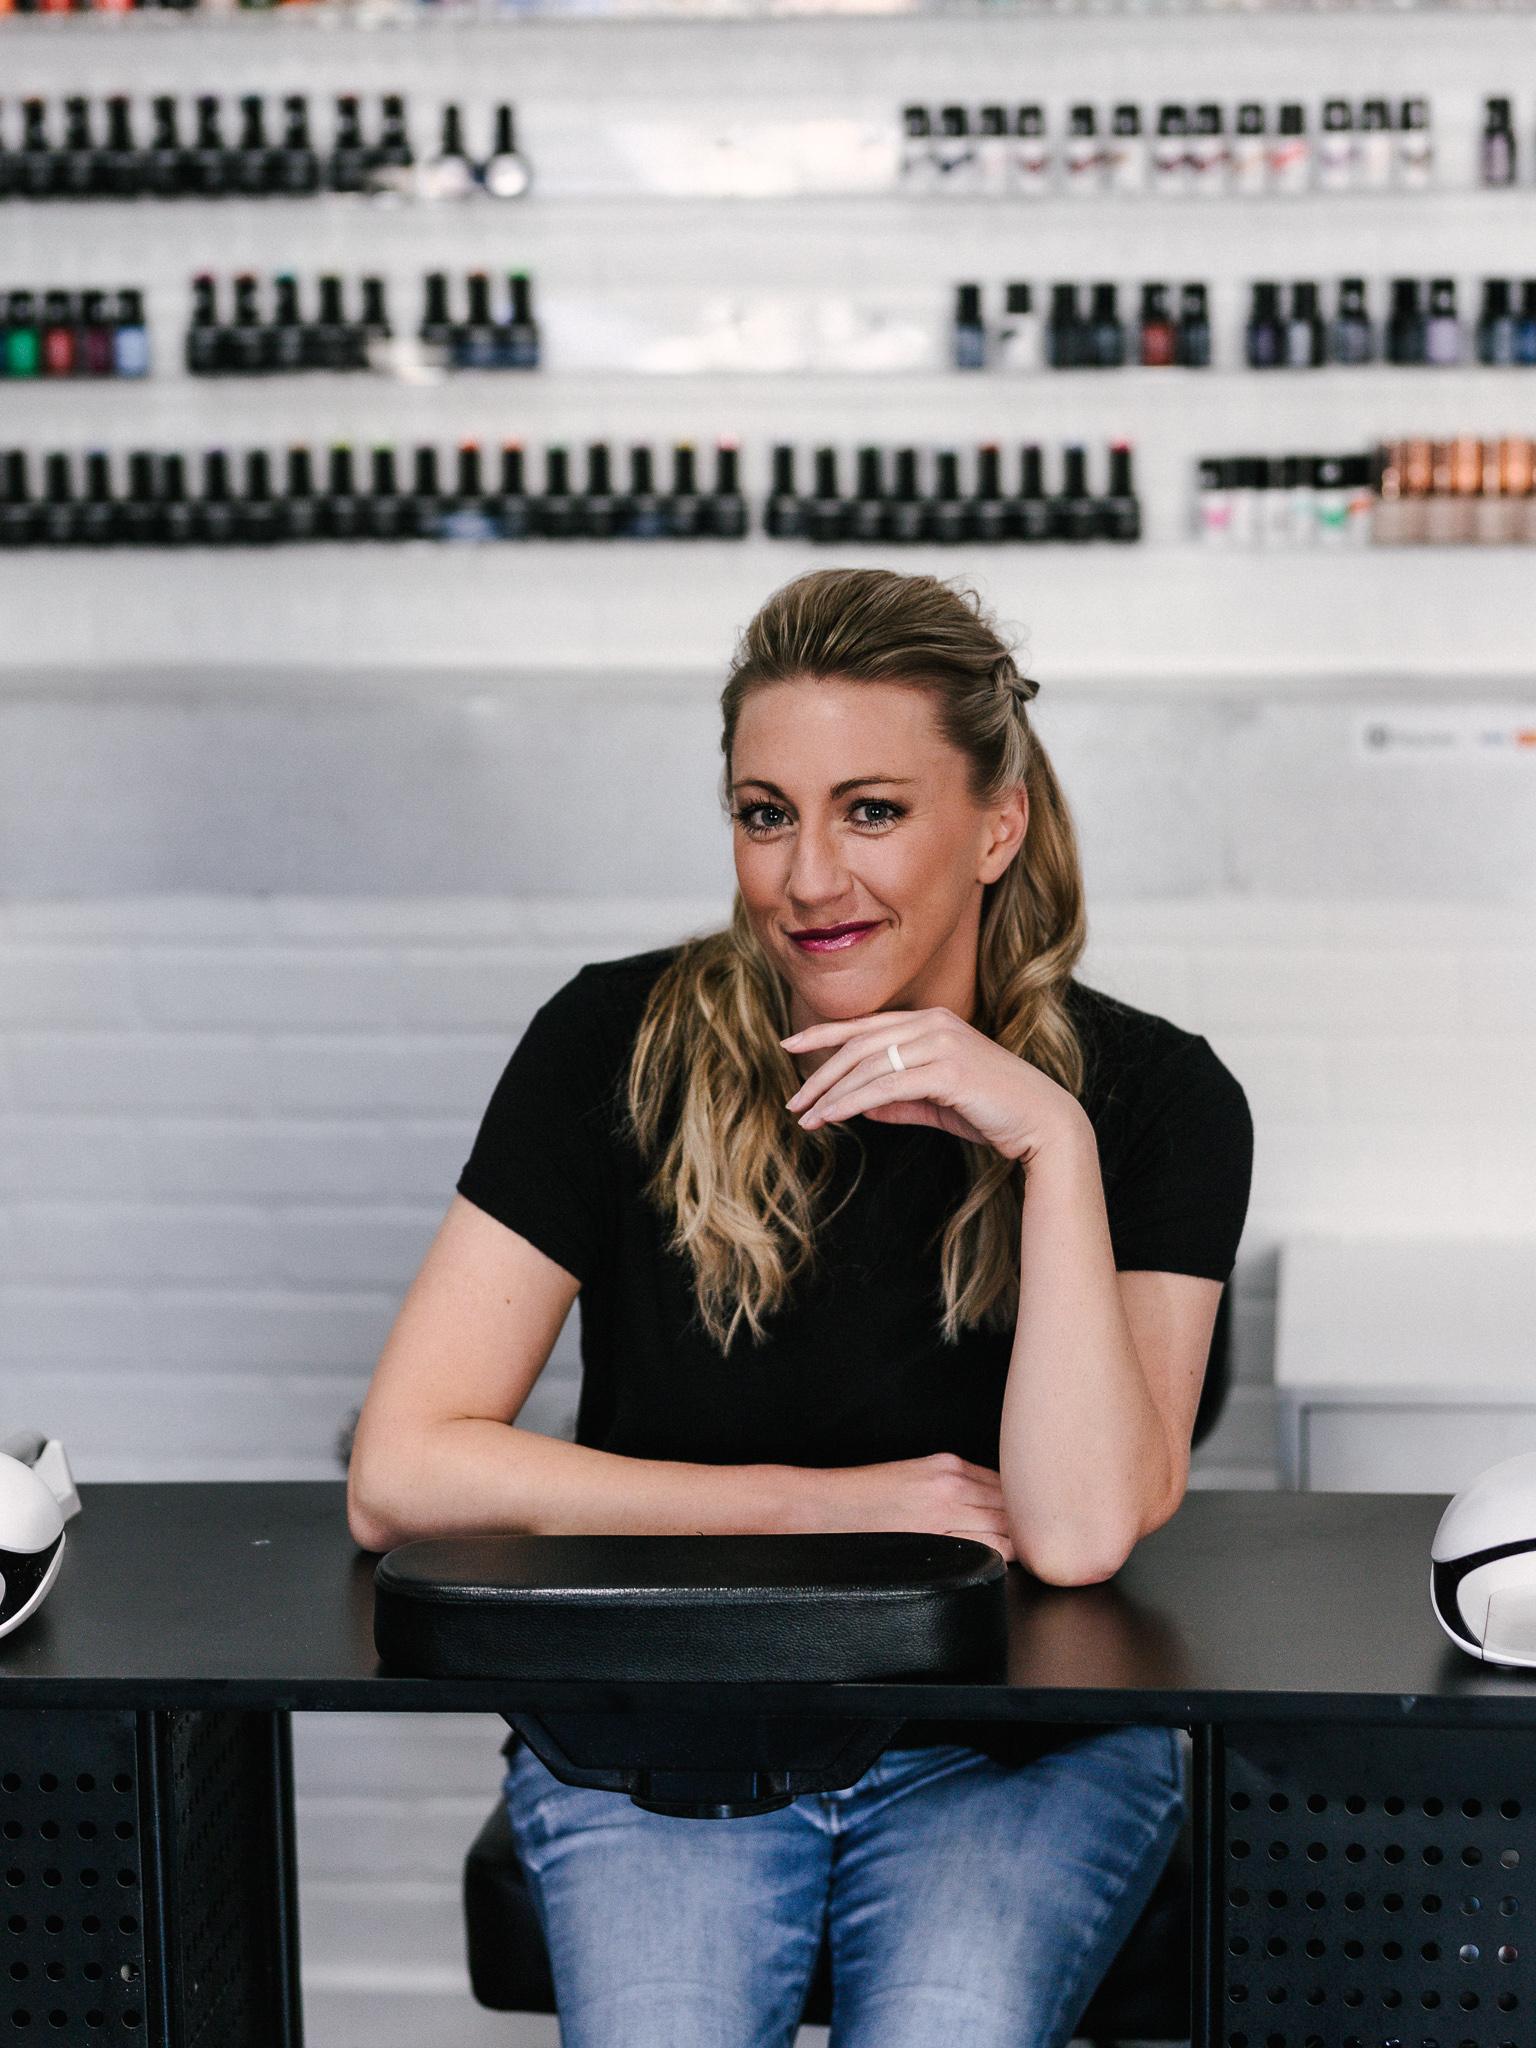 Stephannie Seegrist Portriat in Meraki Nail Salon